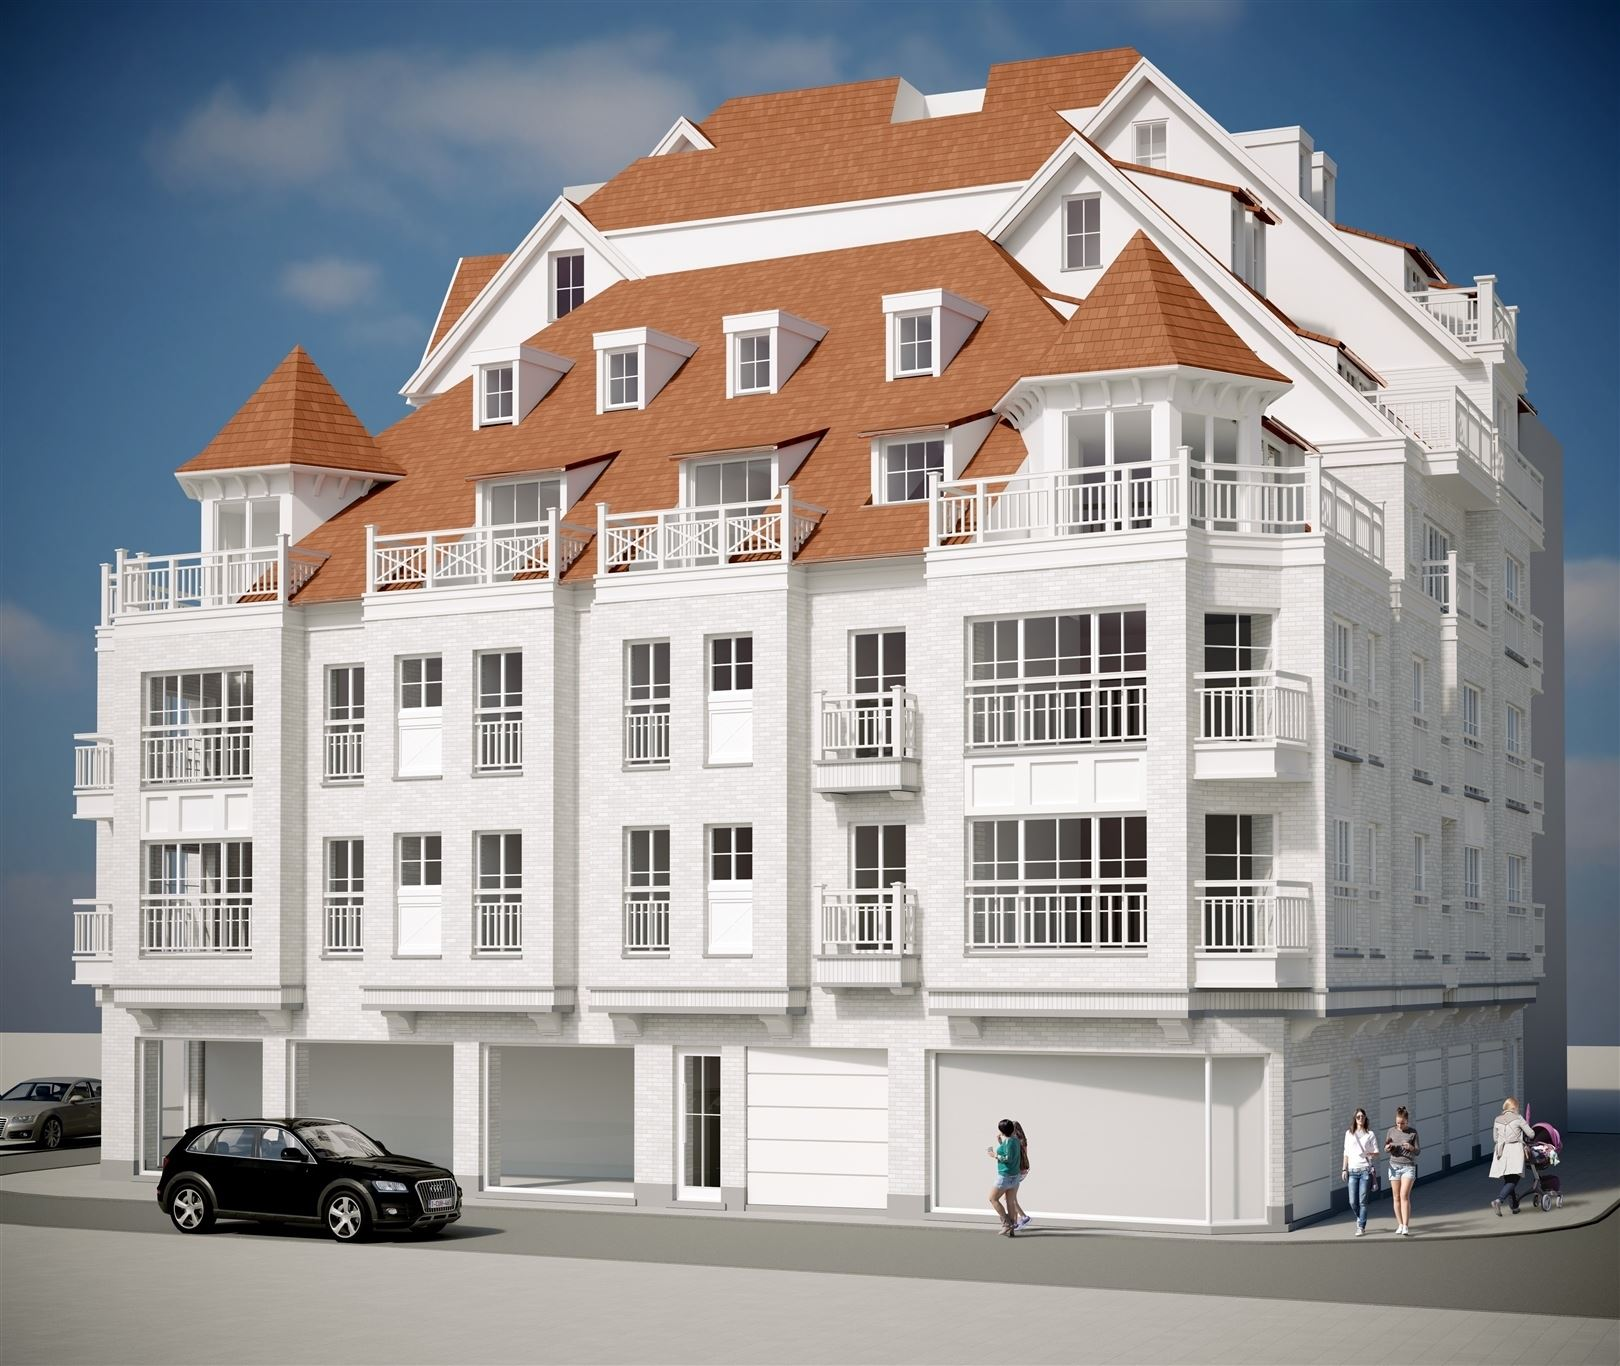 <a class='showAction btn-primary btn' href='/nl/vastgoed/4/nb-hamp0206/appartement-blankenberge-te-koop-nieuwbouw-2-slaapkamers-weststraat-17'>Ontdek deze aanbieding »</a>